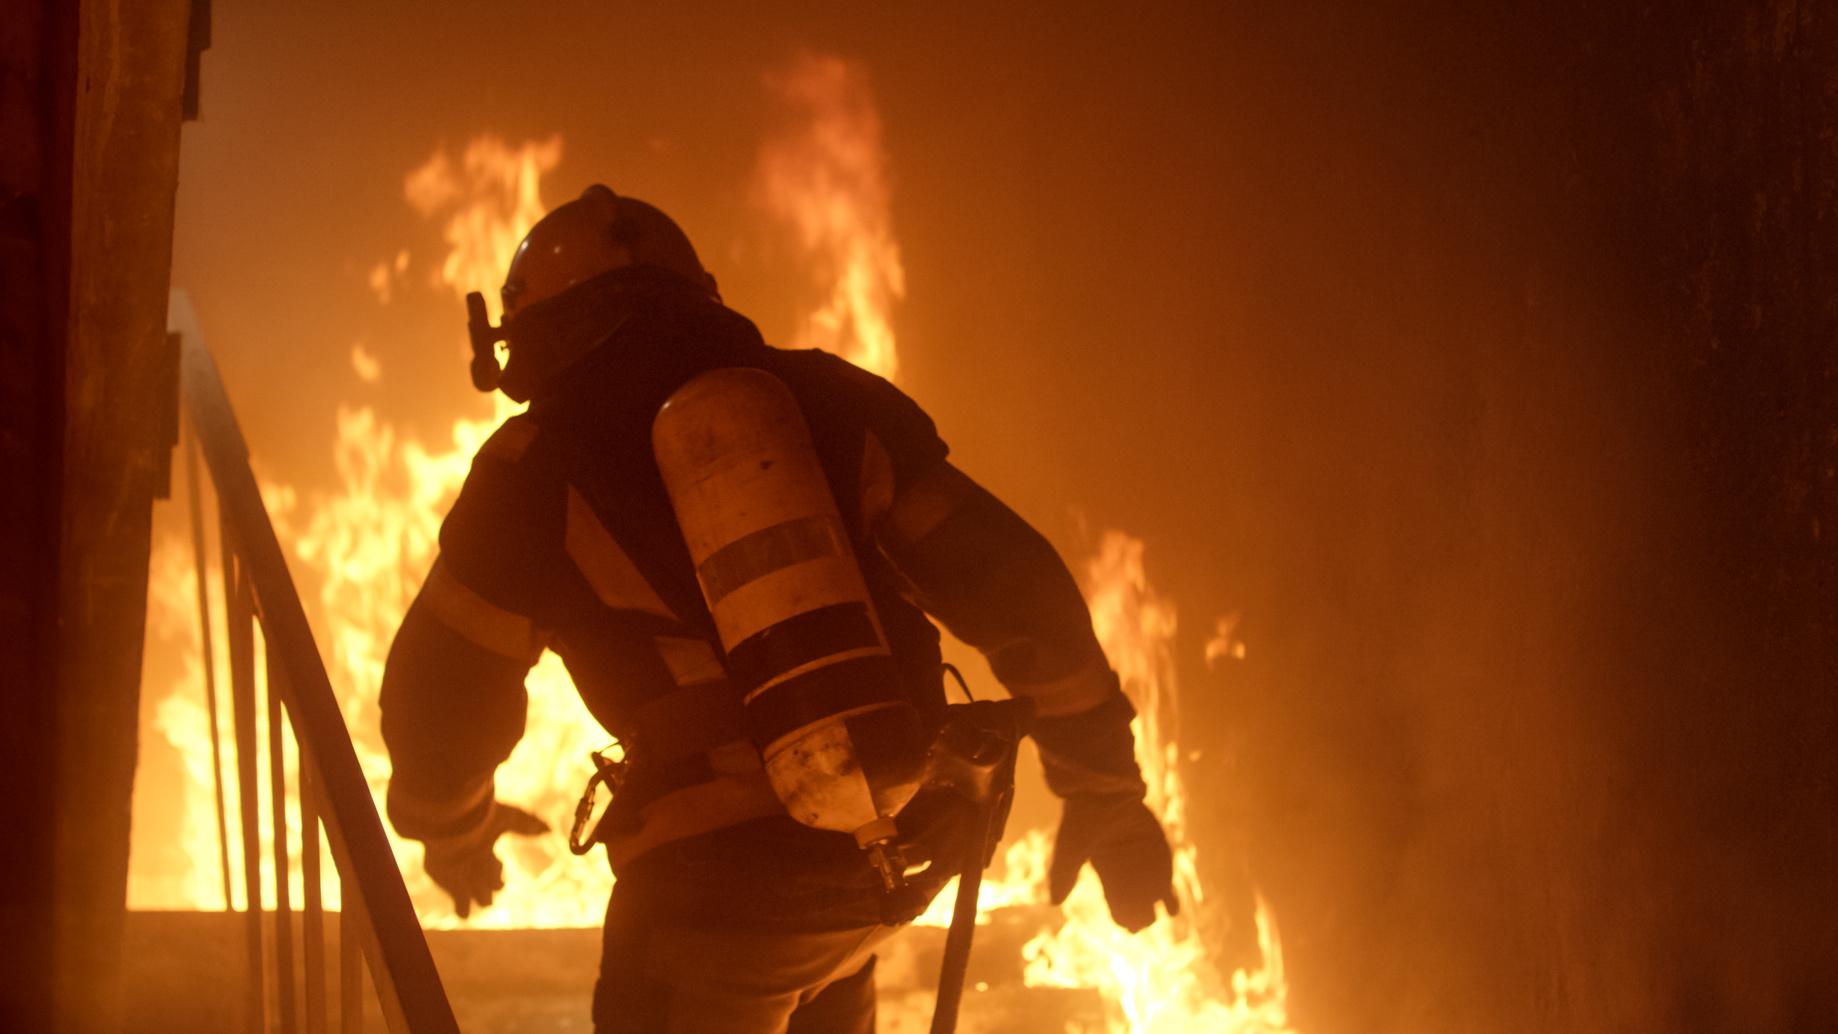 Wie Sie Ihre Mitarbeiter vor Brandfolgeprodukten schützen